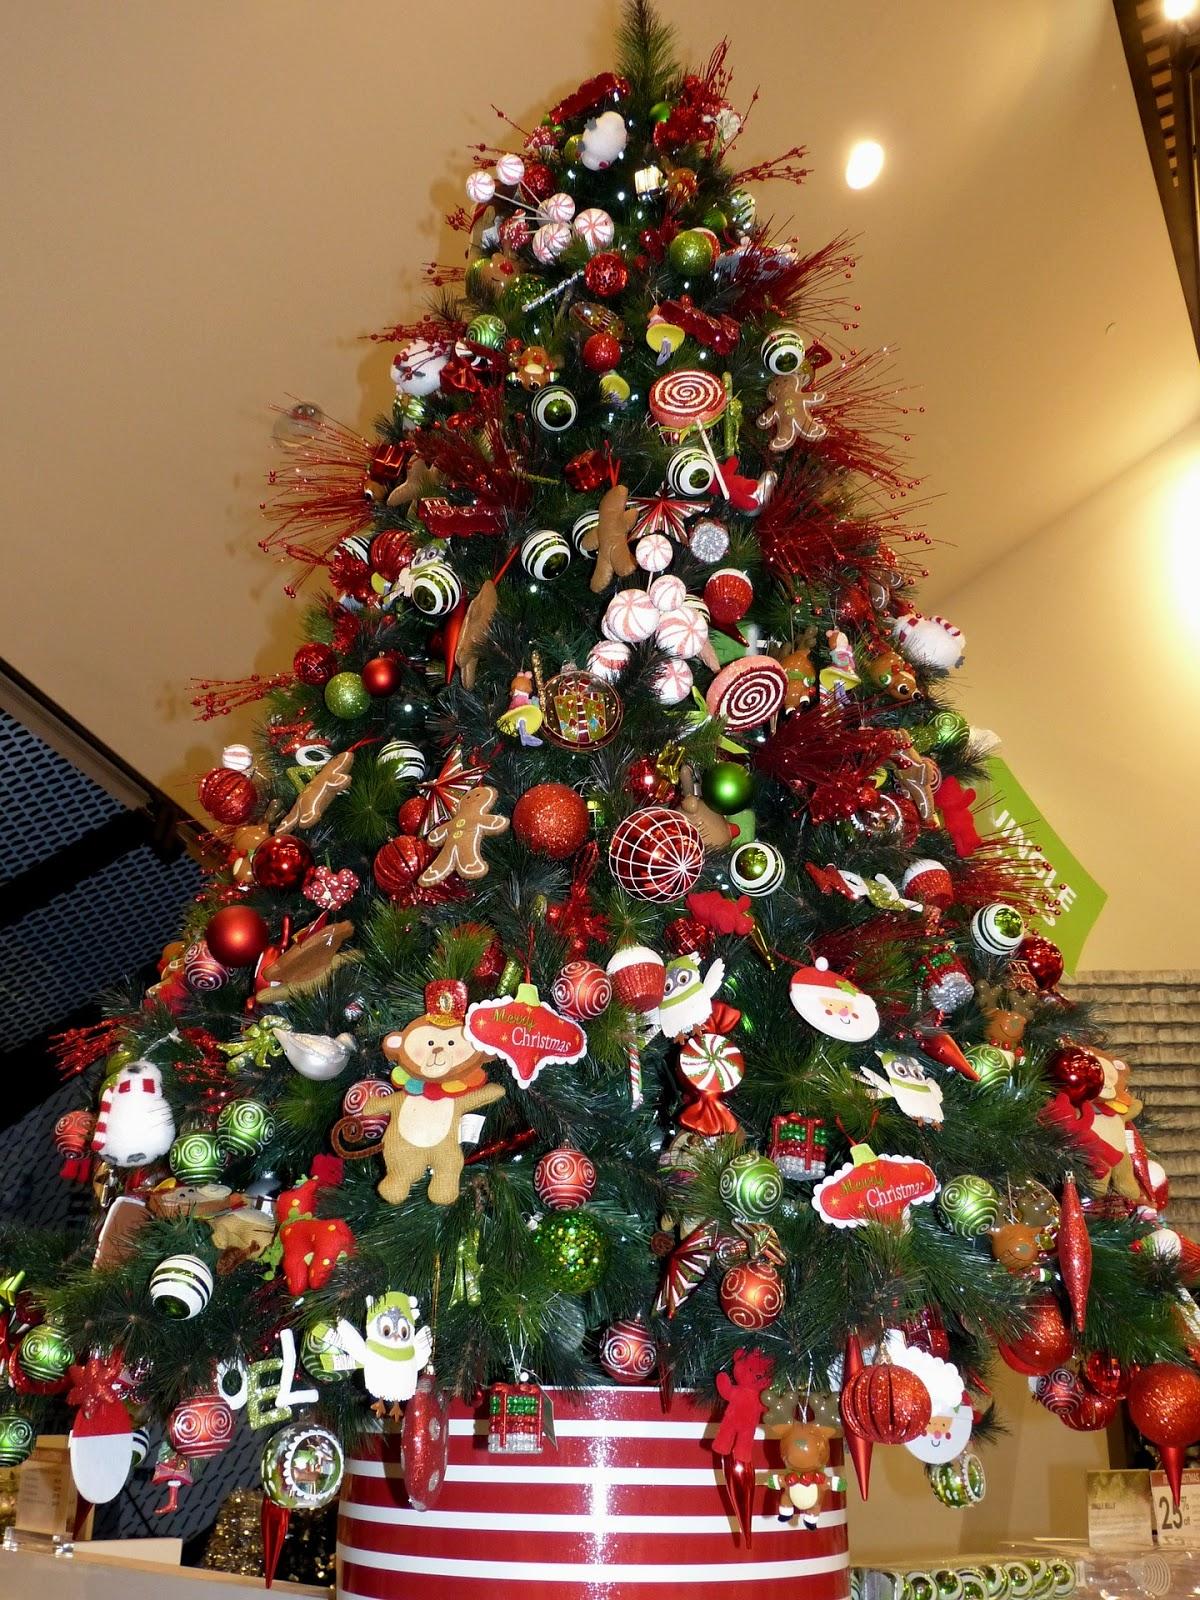 weihnachtsbaum amerikanisch schmcken - Christbaum Schmucken Beispiele